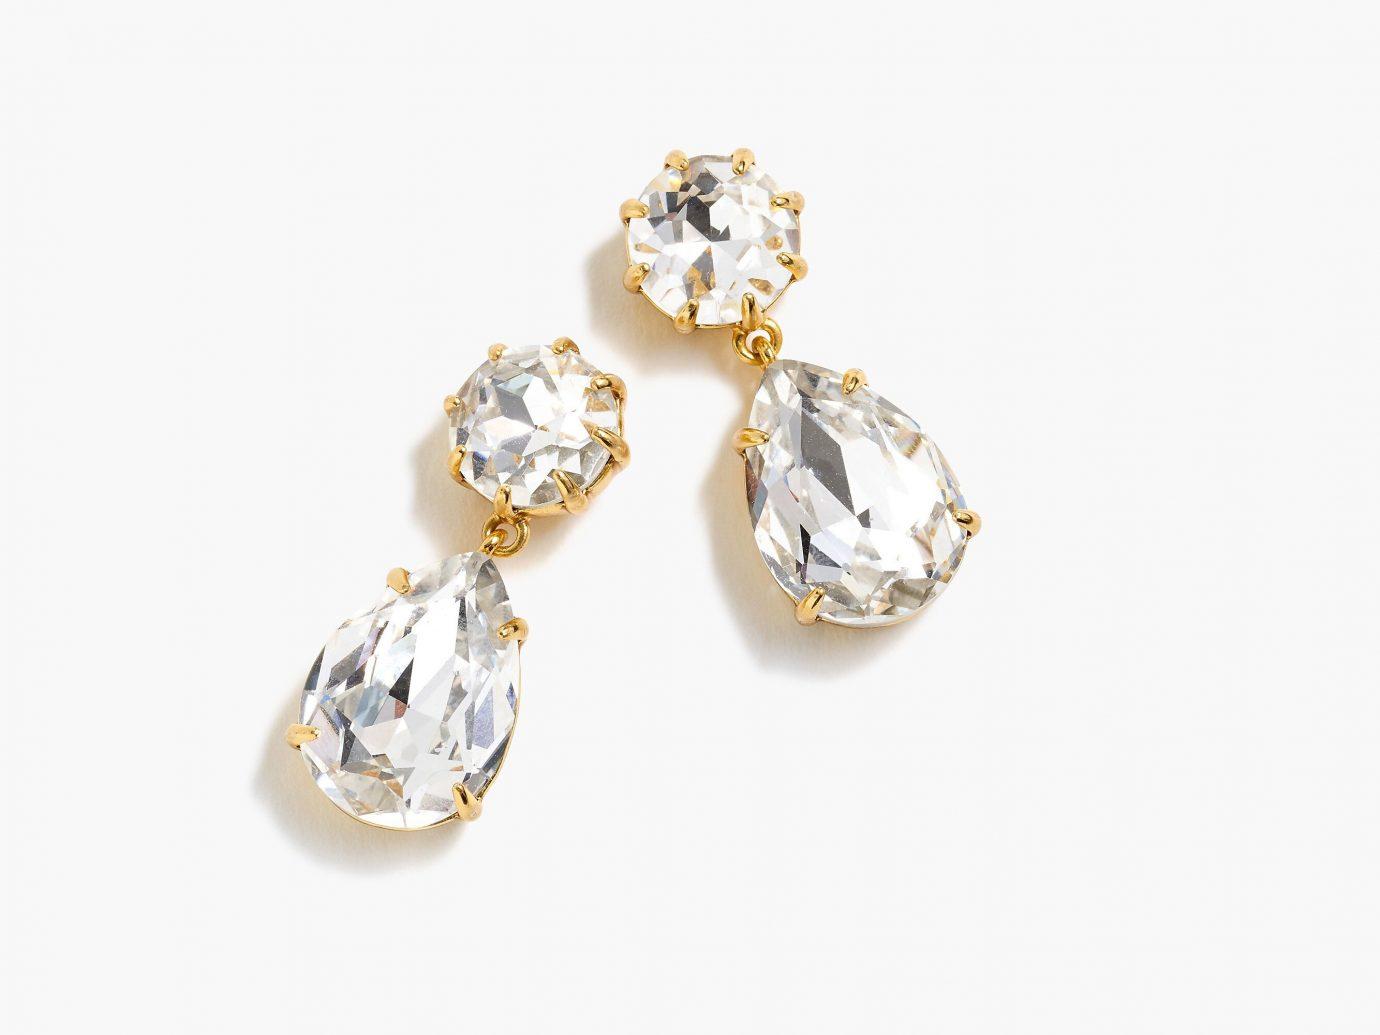 J.Crew Pear-shaped Stone Drop Earrings